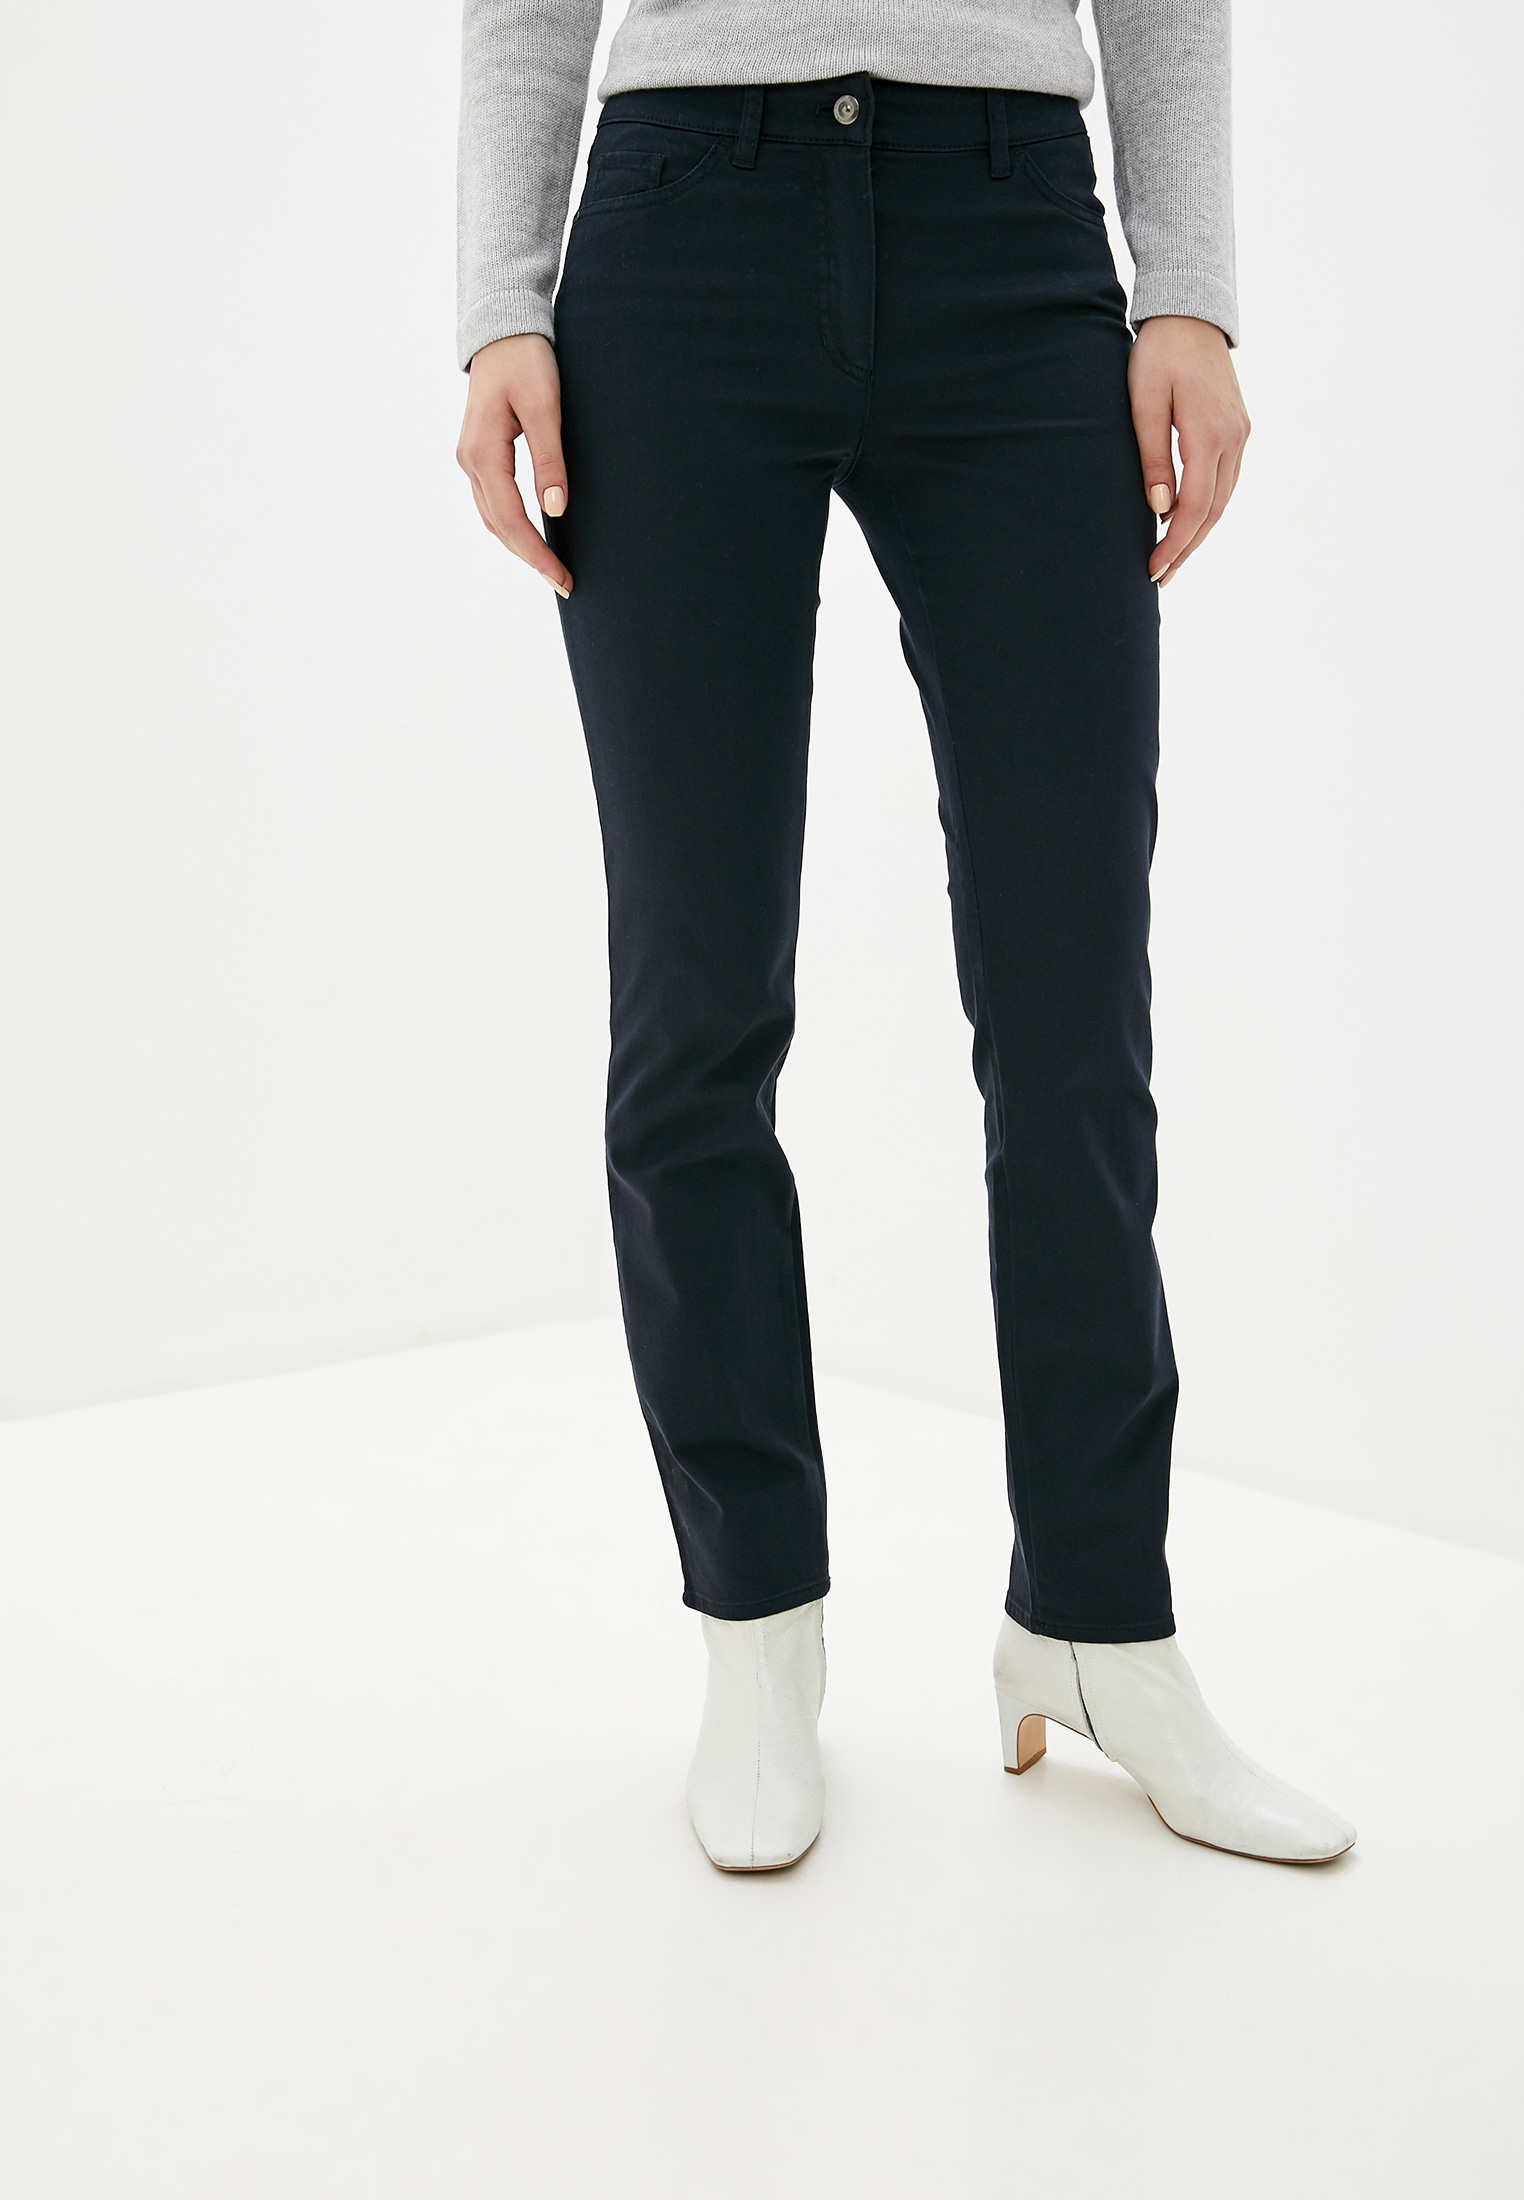 Прямые джинсы Gerry Weber (Гарри Вебер) 92339-67720